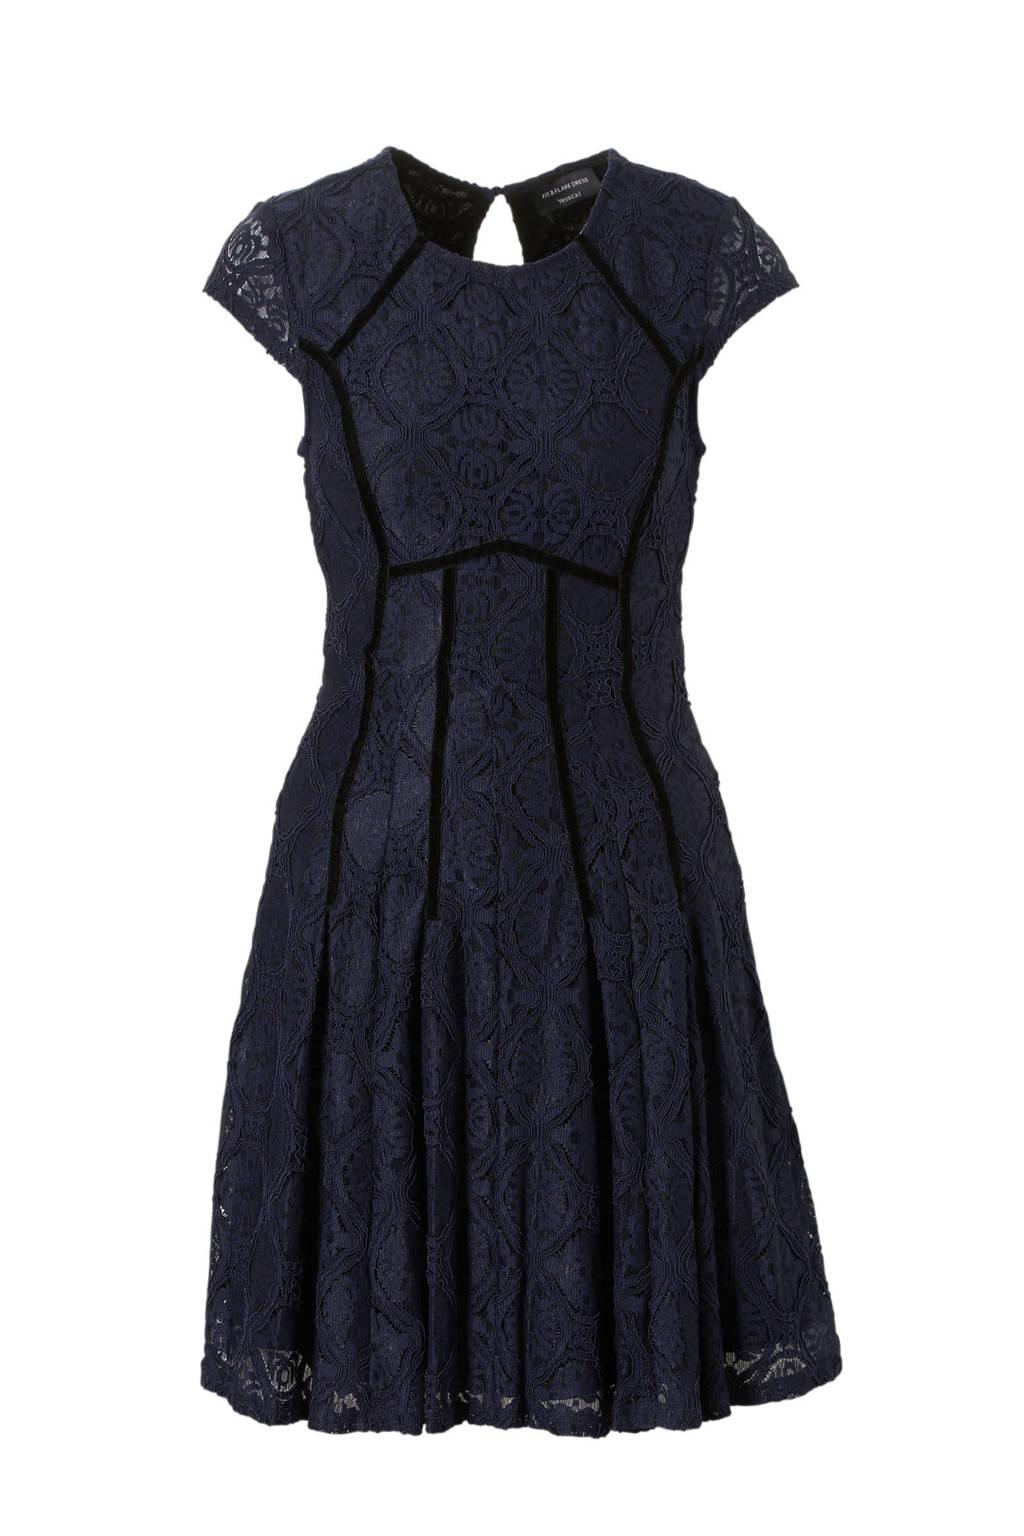 C&A Yessica kanten jurk donkerblauw, Donkerblauw